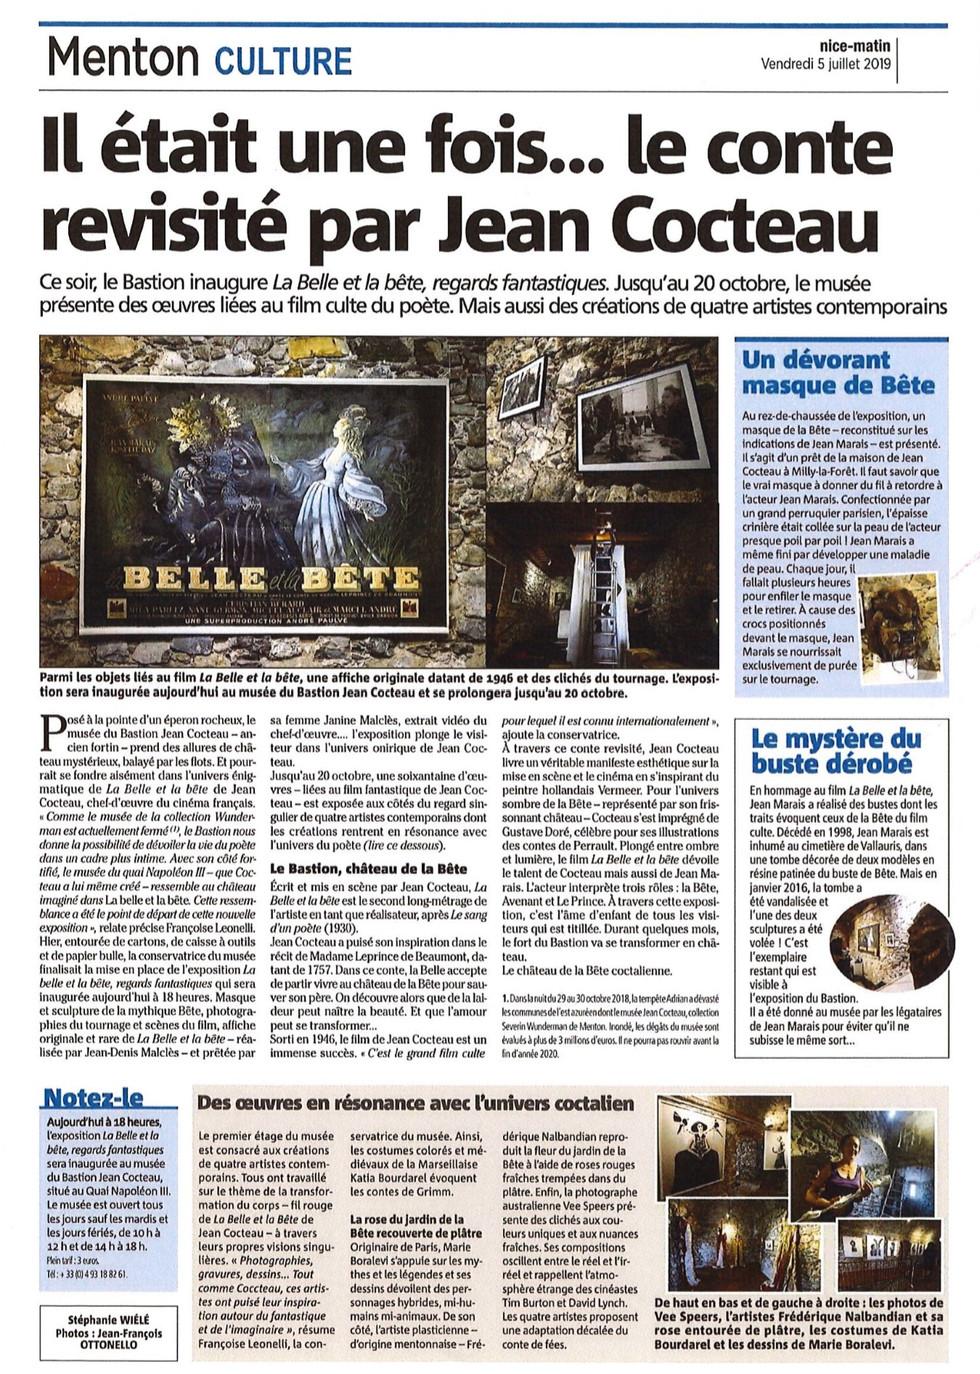 Menton_Musée_Jean_cocteau_Presse_Nice_Ma